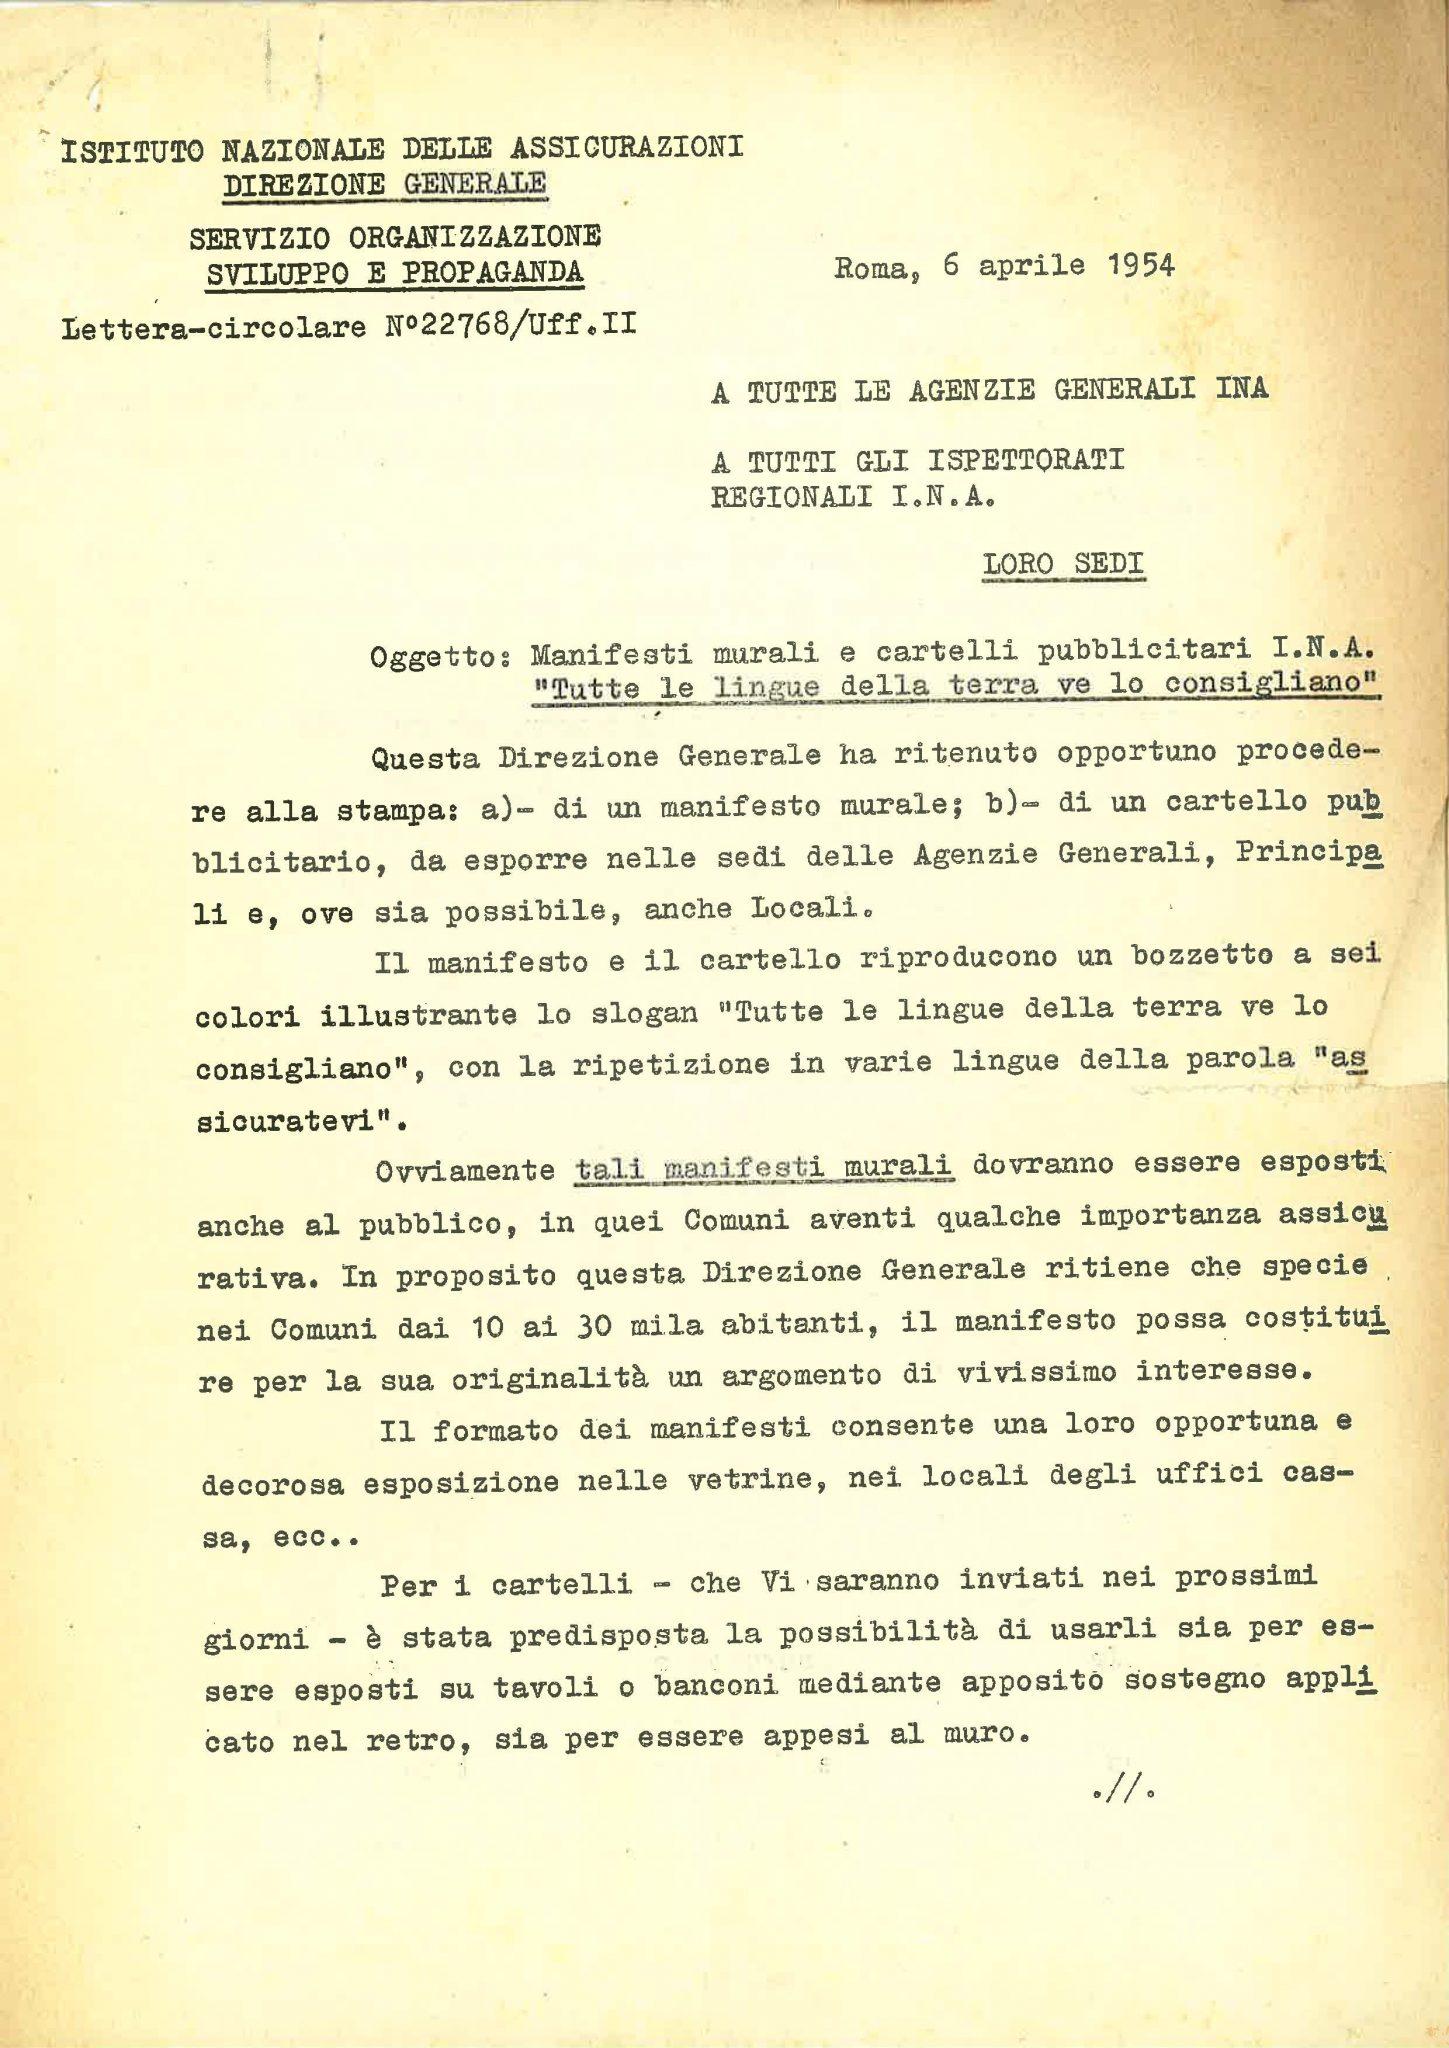 """Corrispondenza del direttore generale dell'INA sulla diffusione del manifesto """"Assicuratevi"""" (Roma, 6-14 aprile 1954)"""